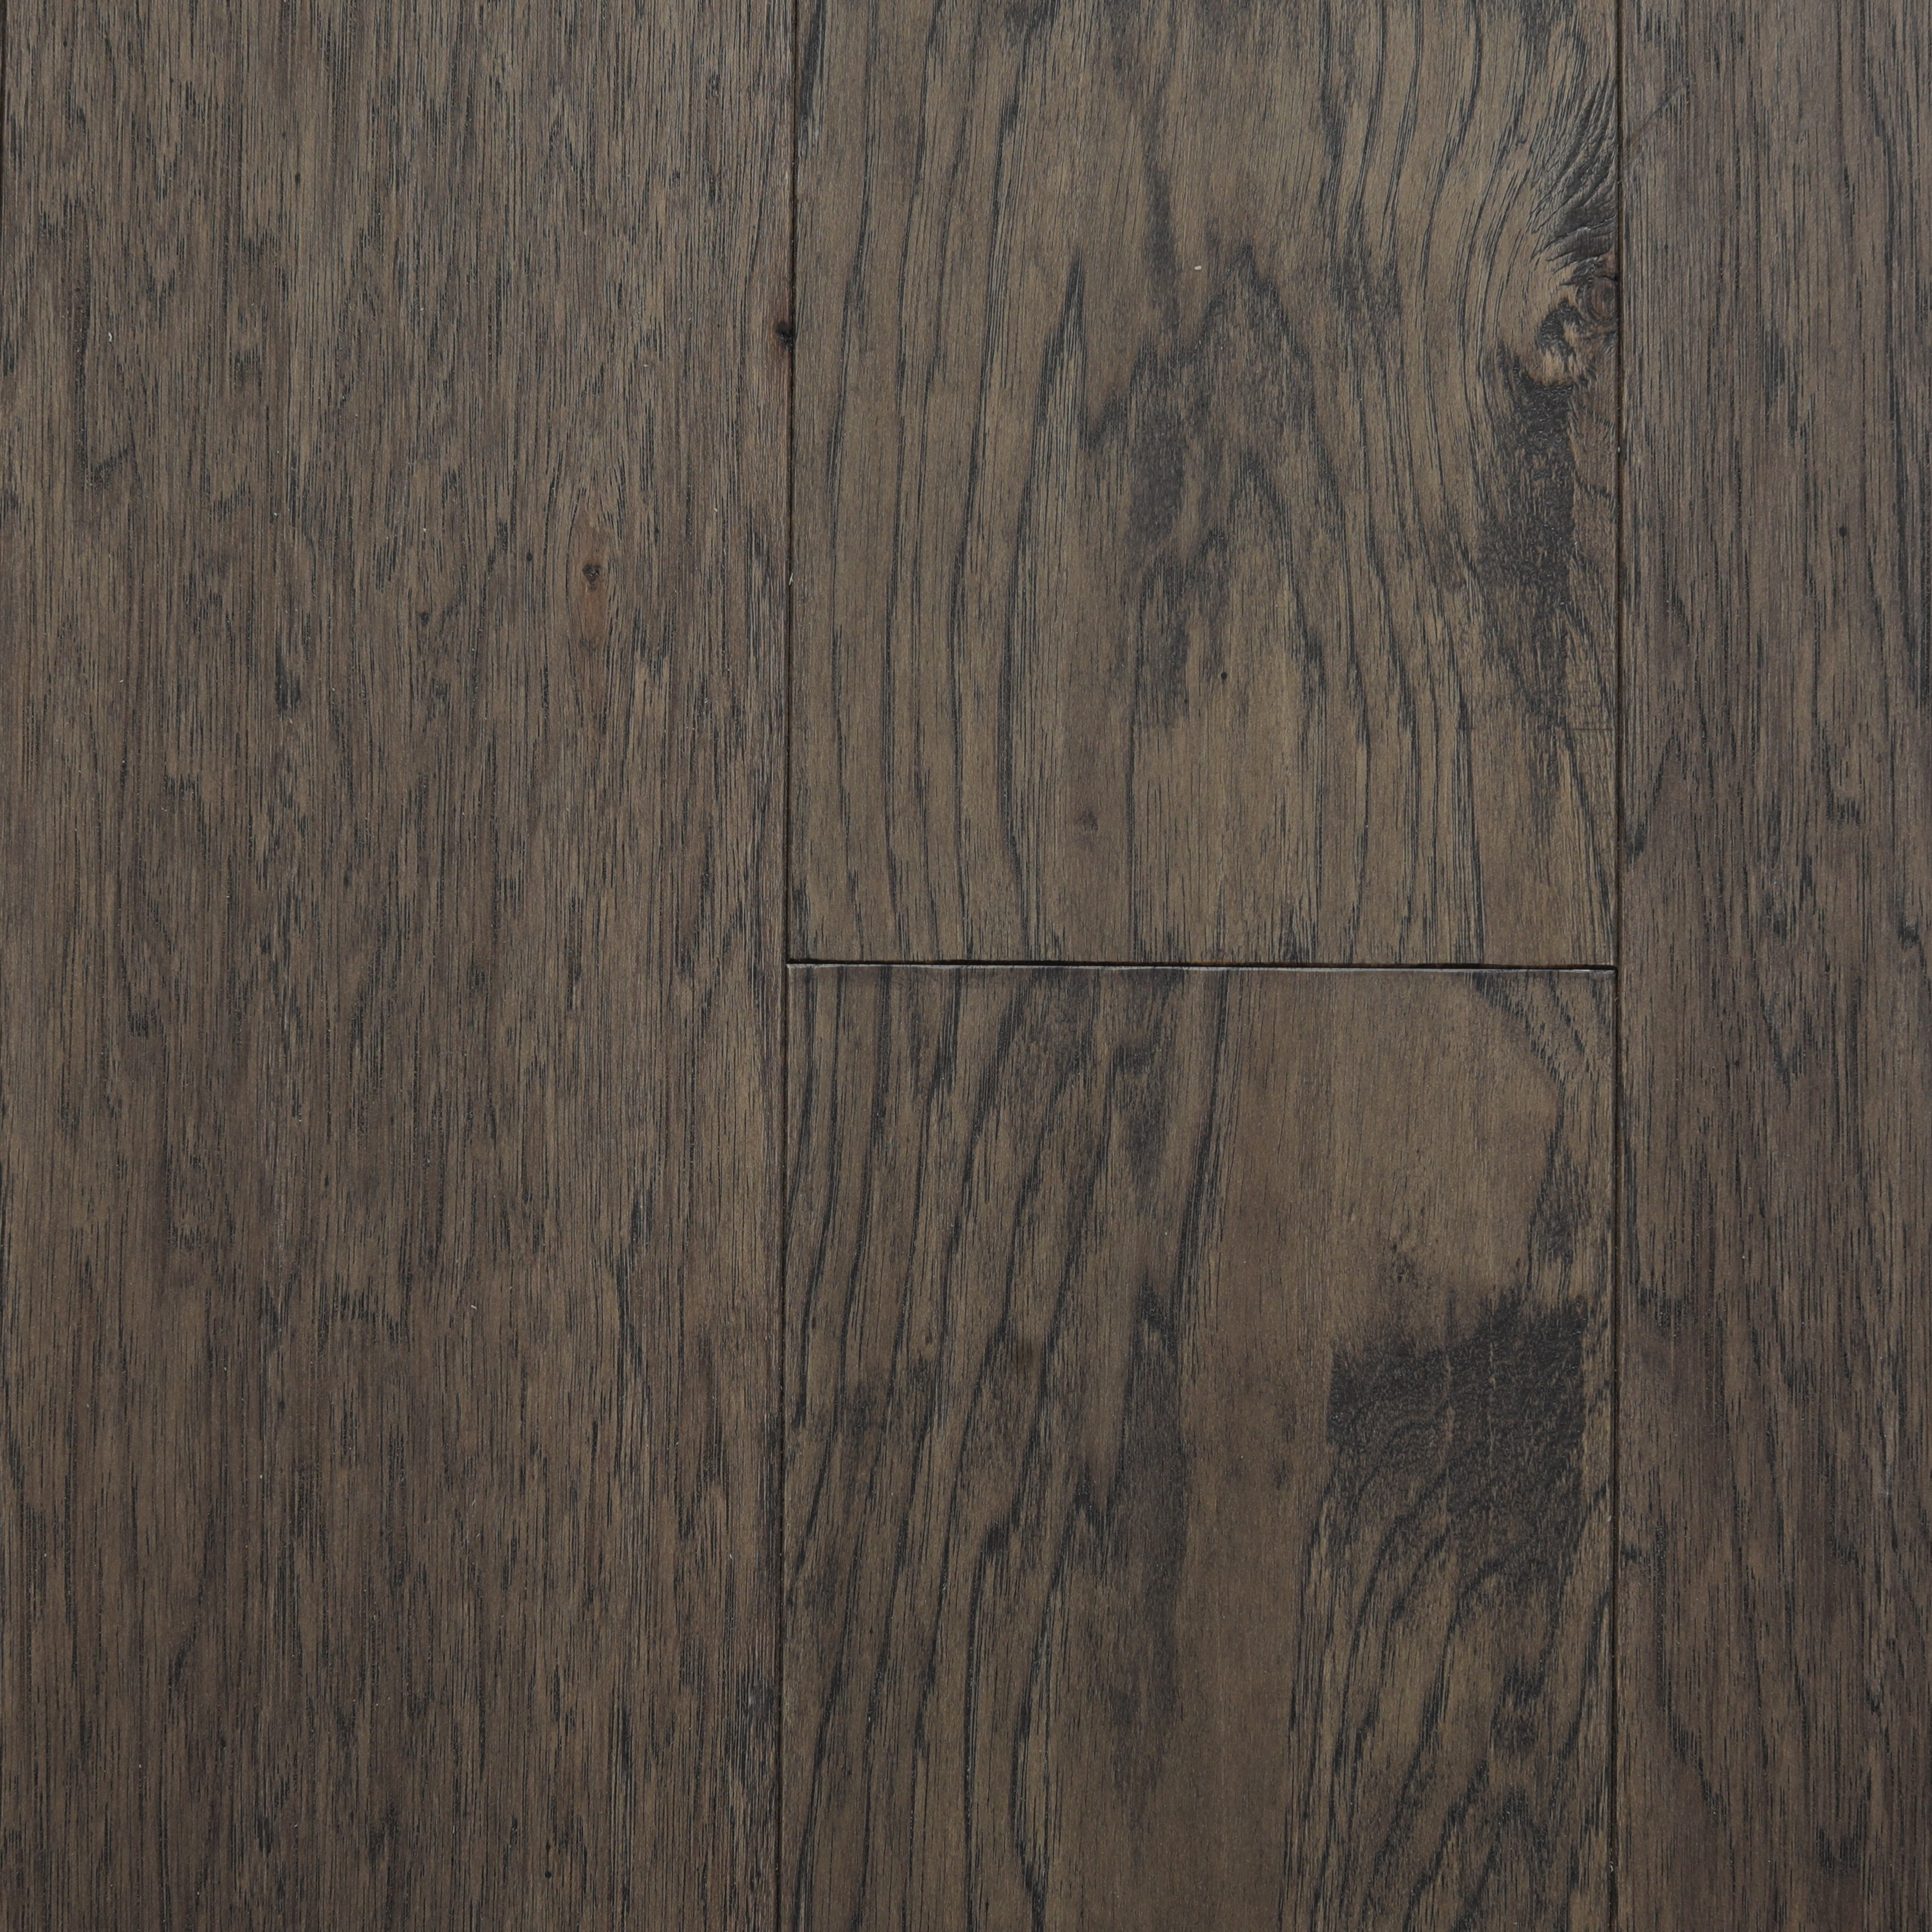 Coal / Hickory / Sealer = UV Urethene Aluminum Oxide; Topcoat = UV Urethene / #1 / Sample Taconic Engineered Hardwood 0